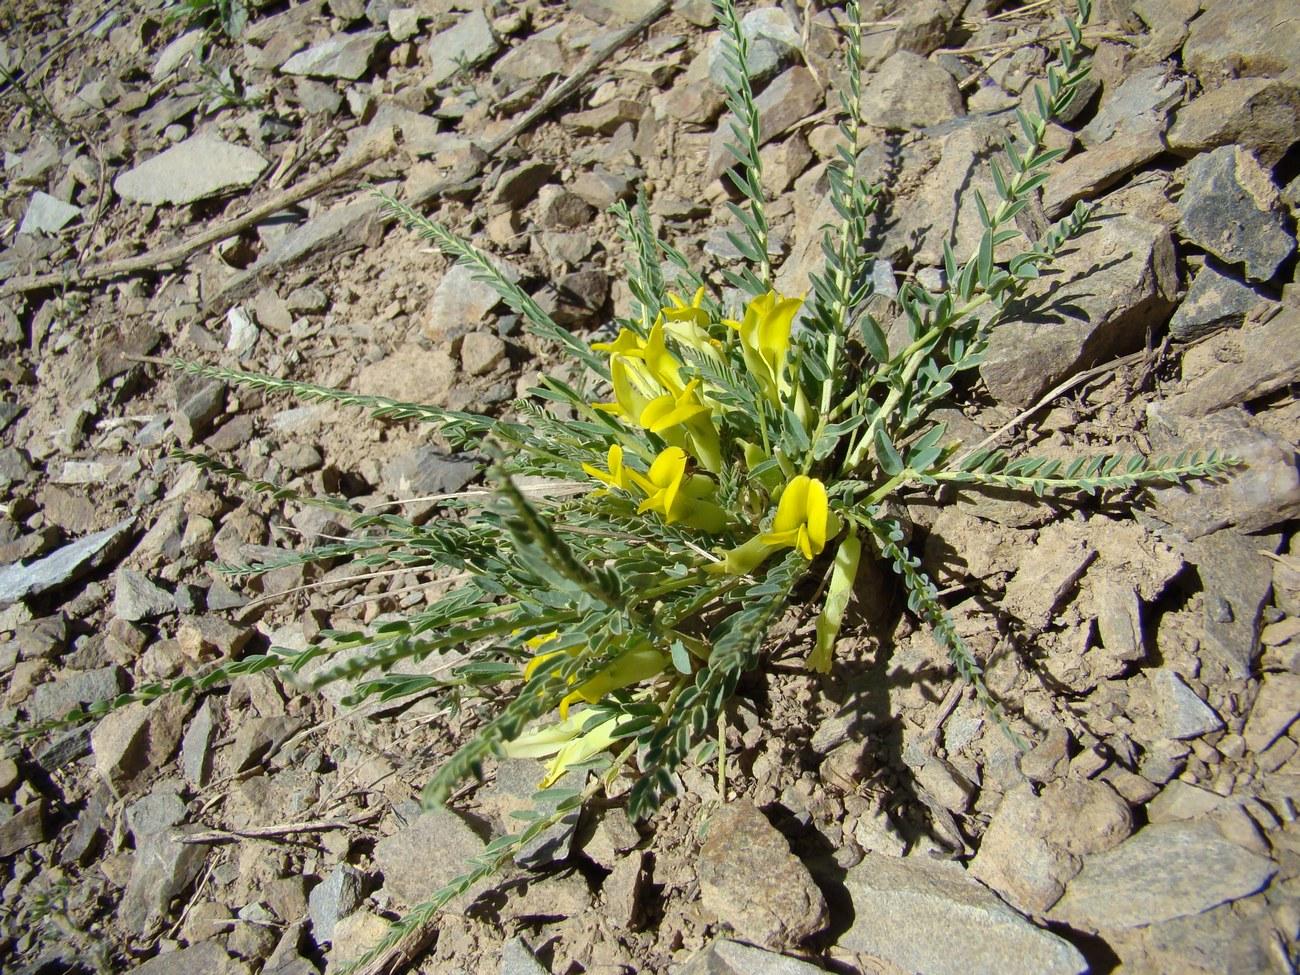 Изображение растения Astragalus talassicus.